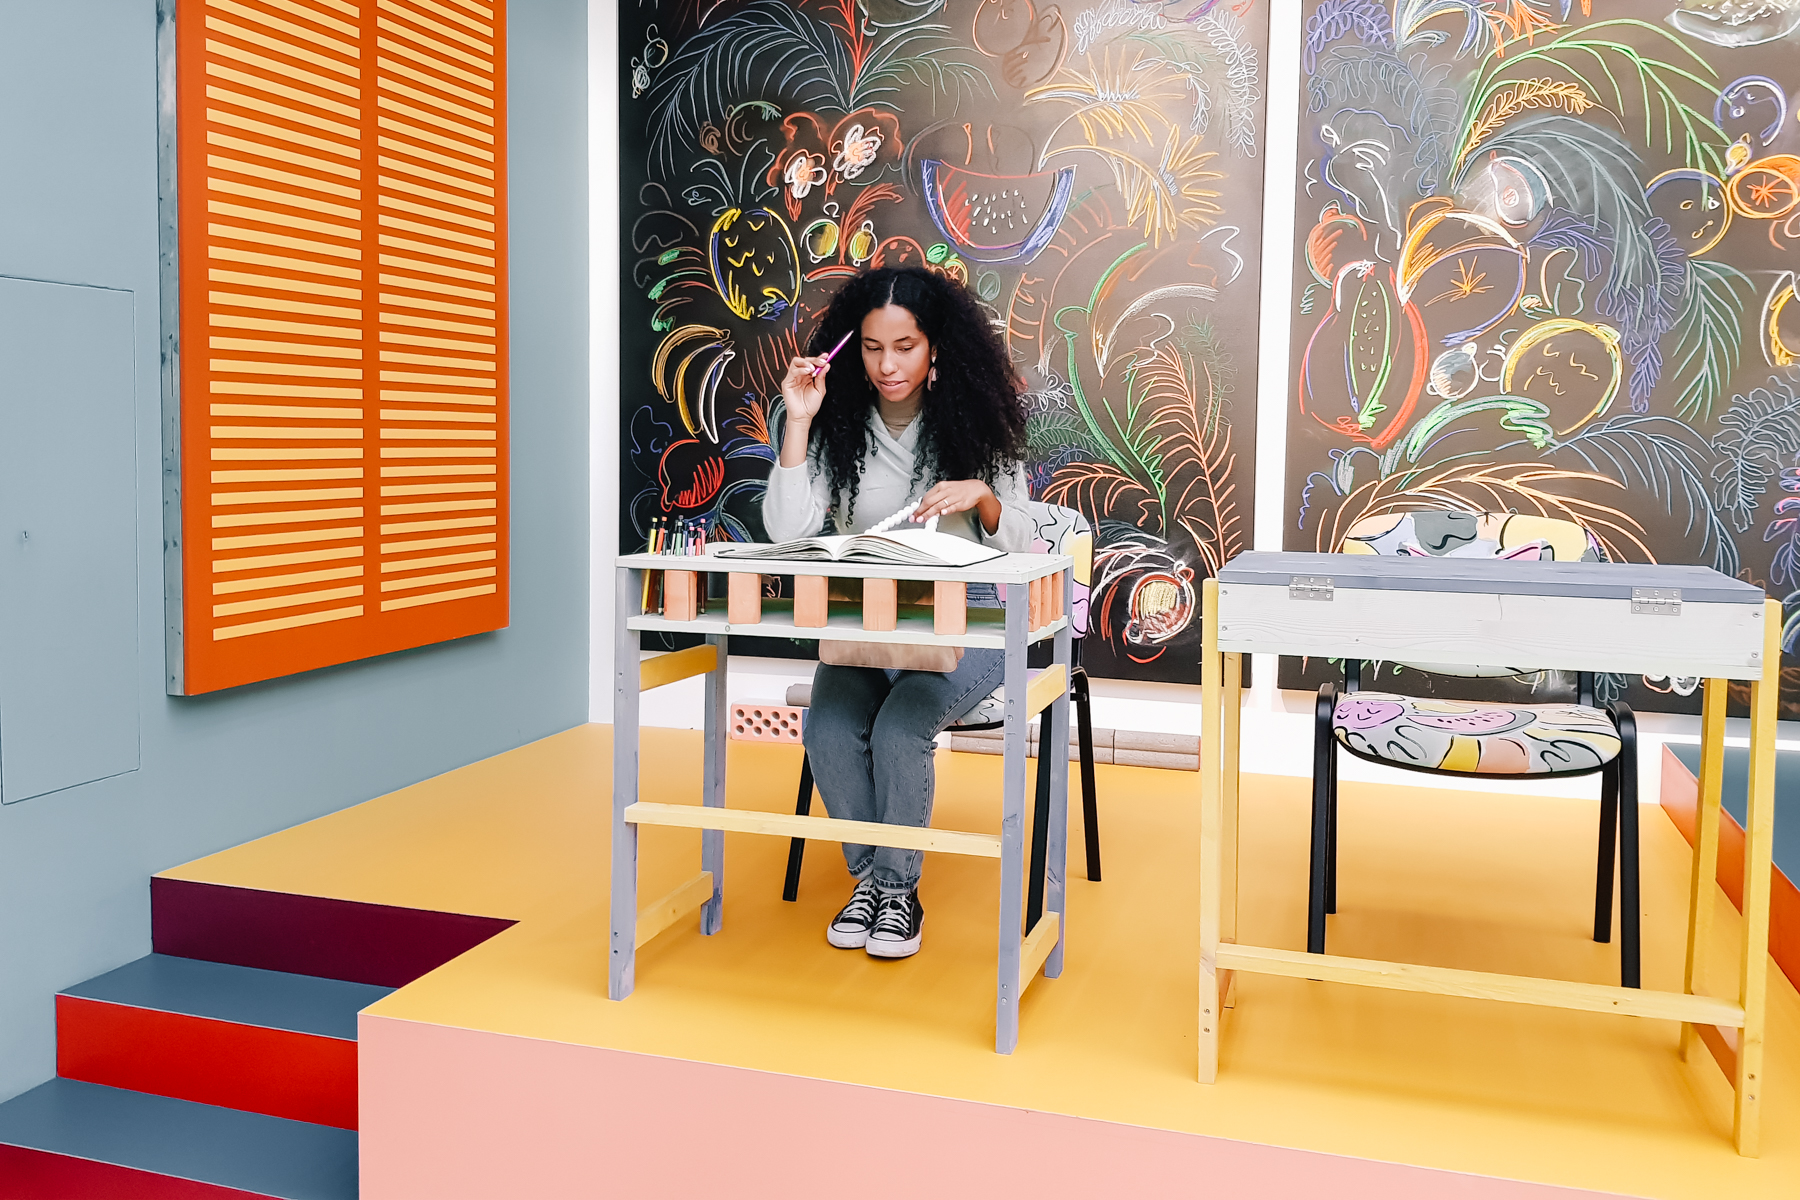 Willkommen in Lateinamerika: Eine Immersive Kunstinstallation